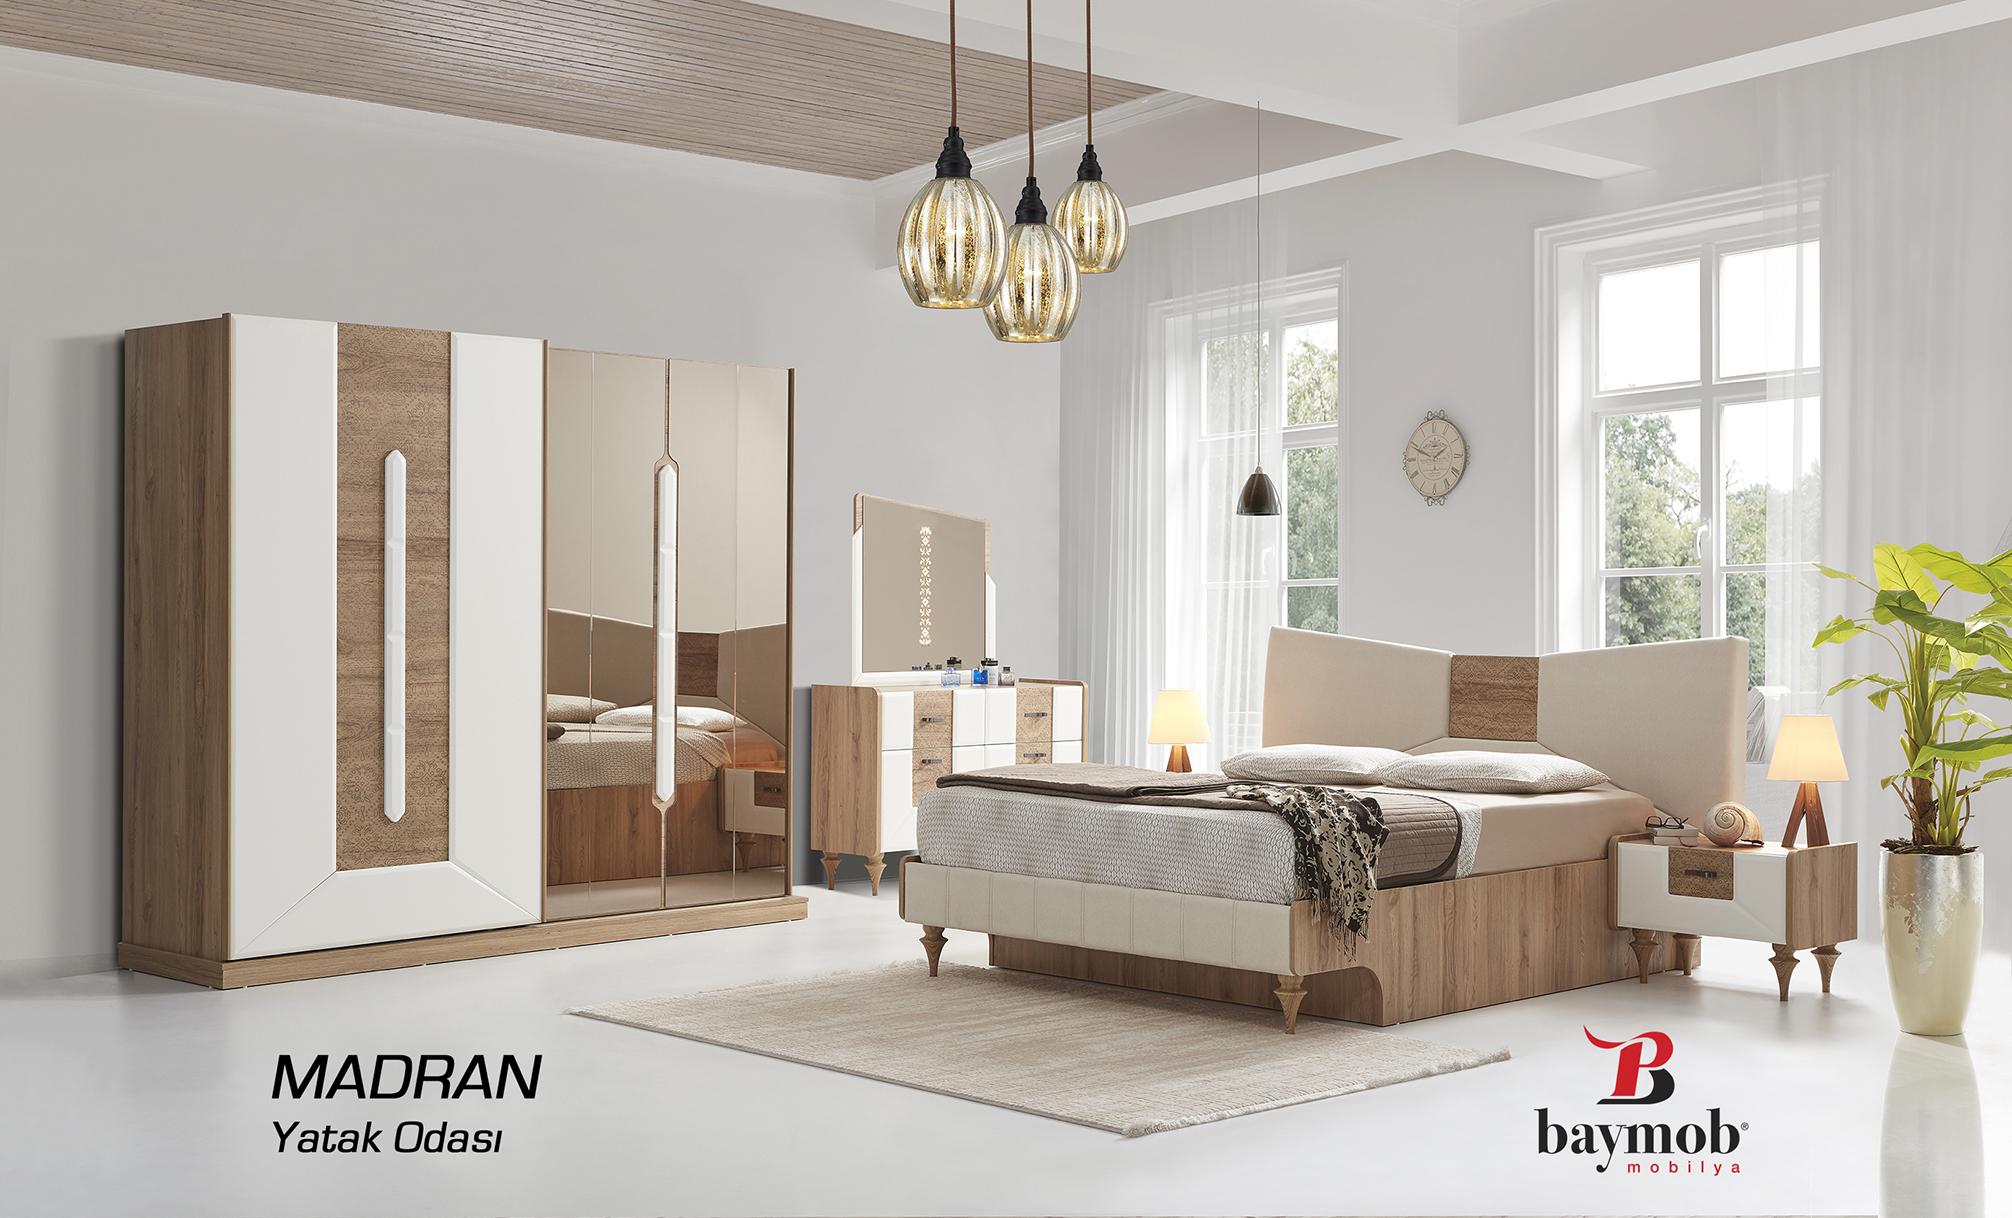 Спалня MADRAN